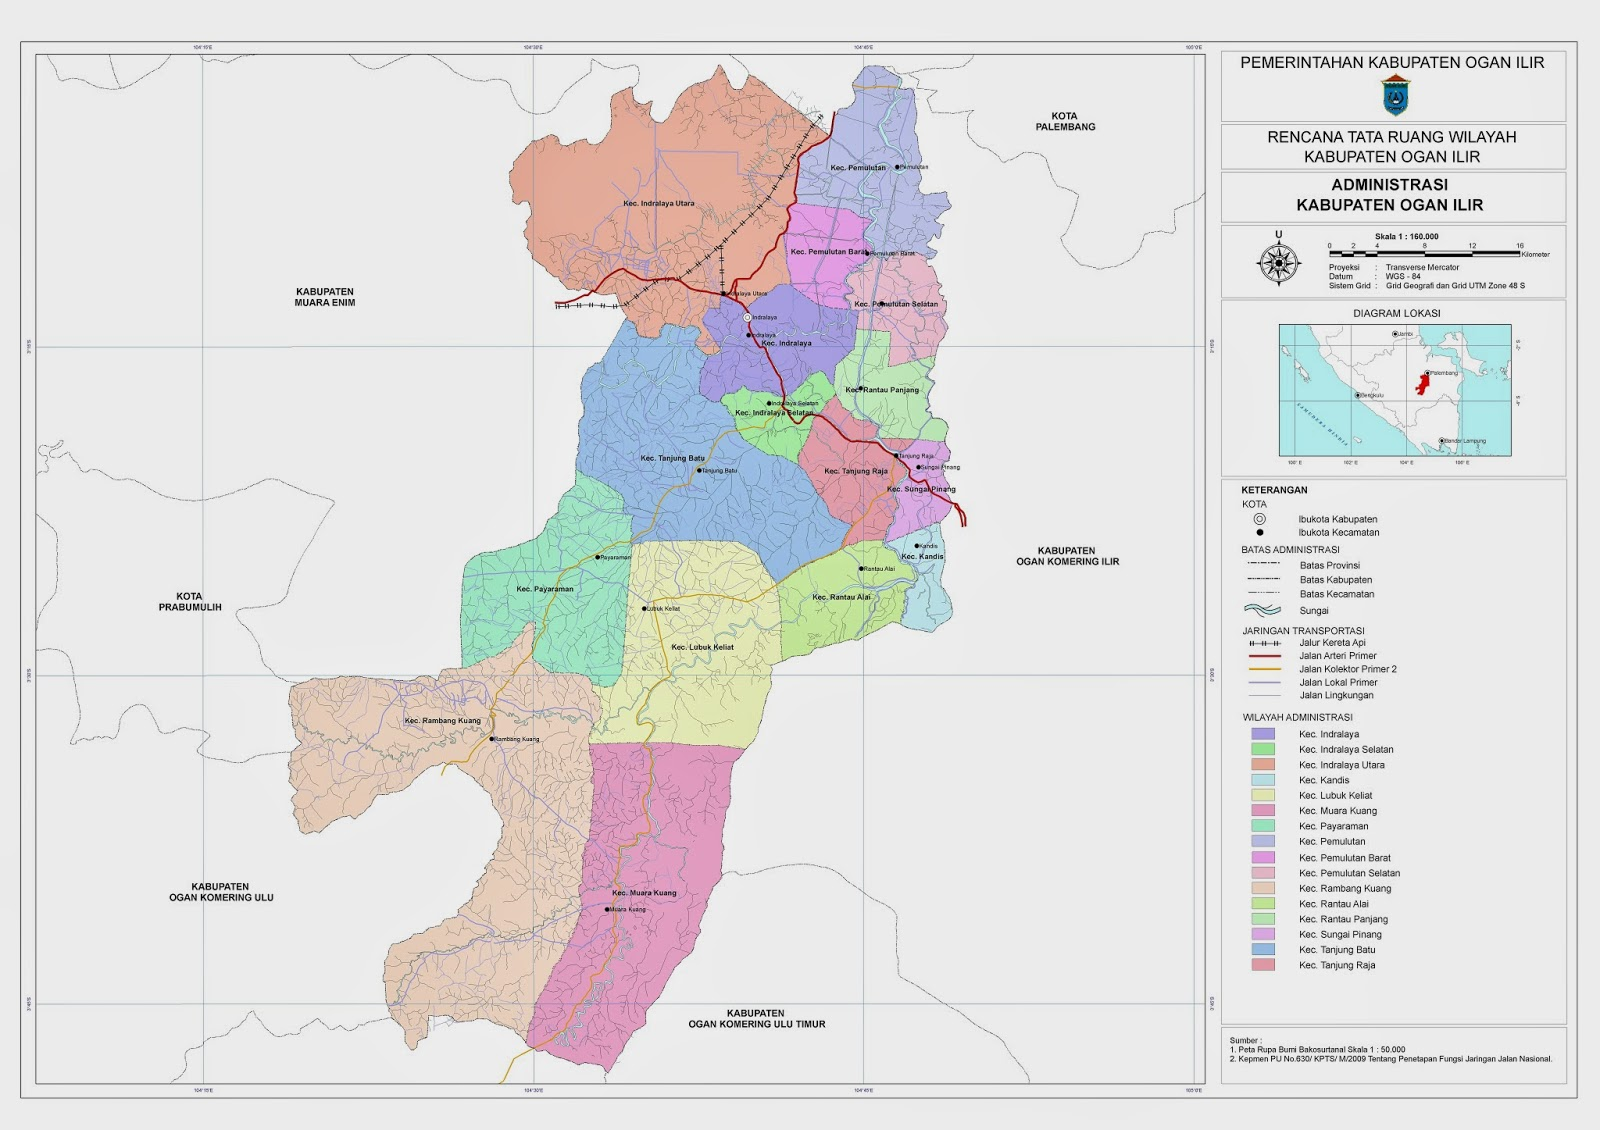 Peta Kota: Peta Kabupaten Ogan Ilir